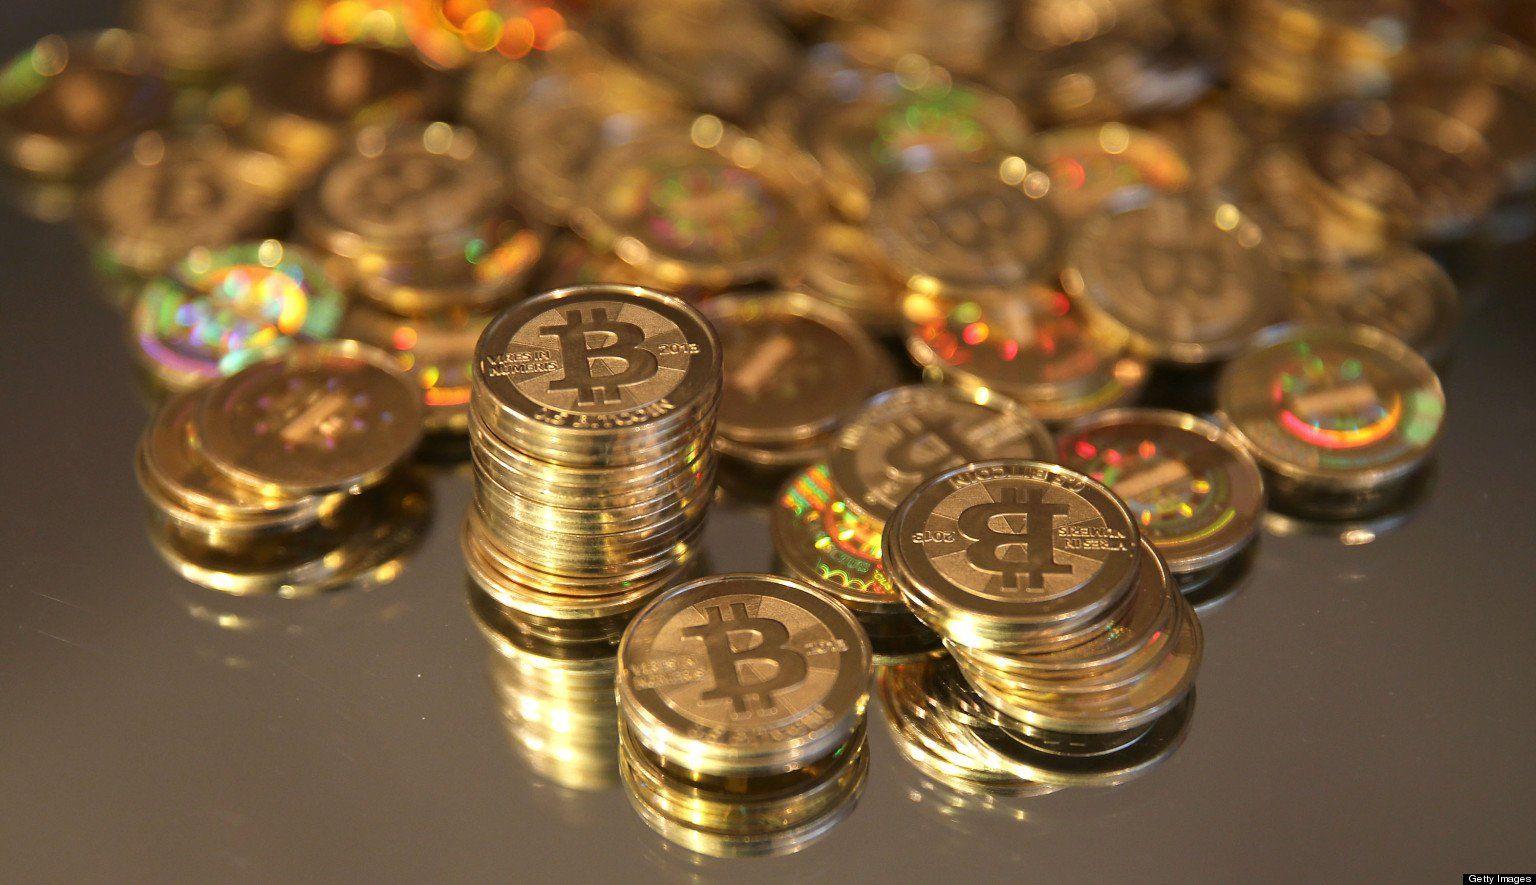 RT SimoneSgueo: Per Citibank #bitcoin non è una minaccia per le banche https://t.co/UHrbHGimml  #cryptocurrency # https://t.co/p4OApZg7lt